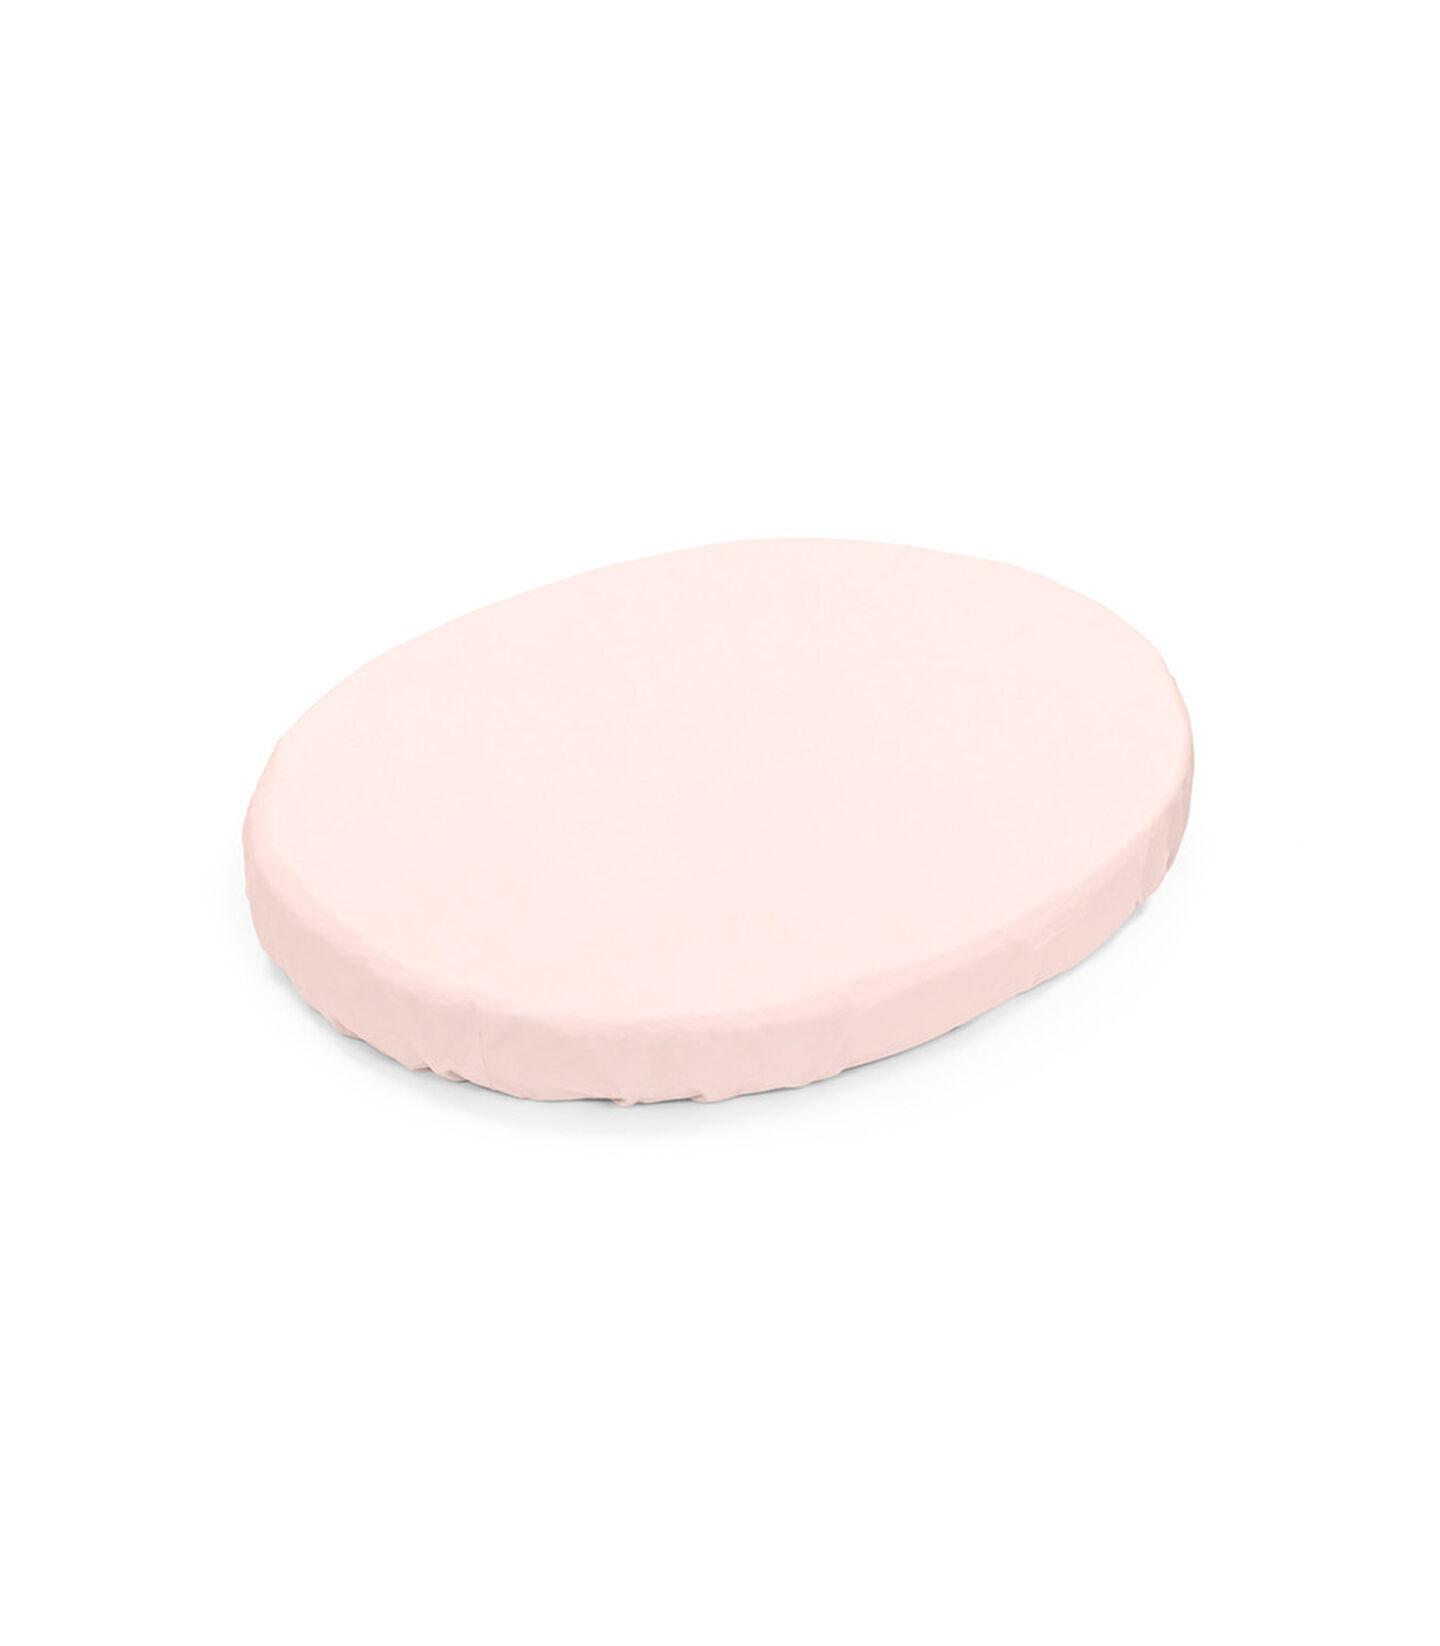 Mini sábana bajera ajustable Stokke® Sleepi™ rosa melocotón, Rosa melocotón, mainview view 2